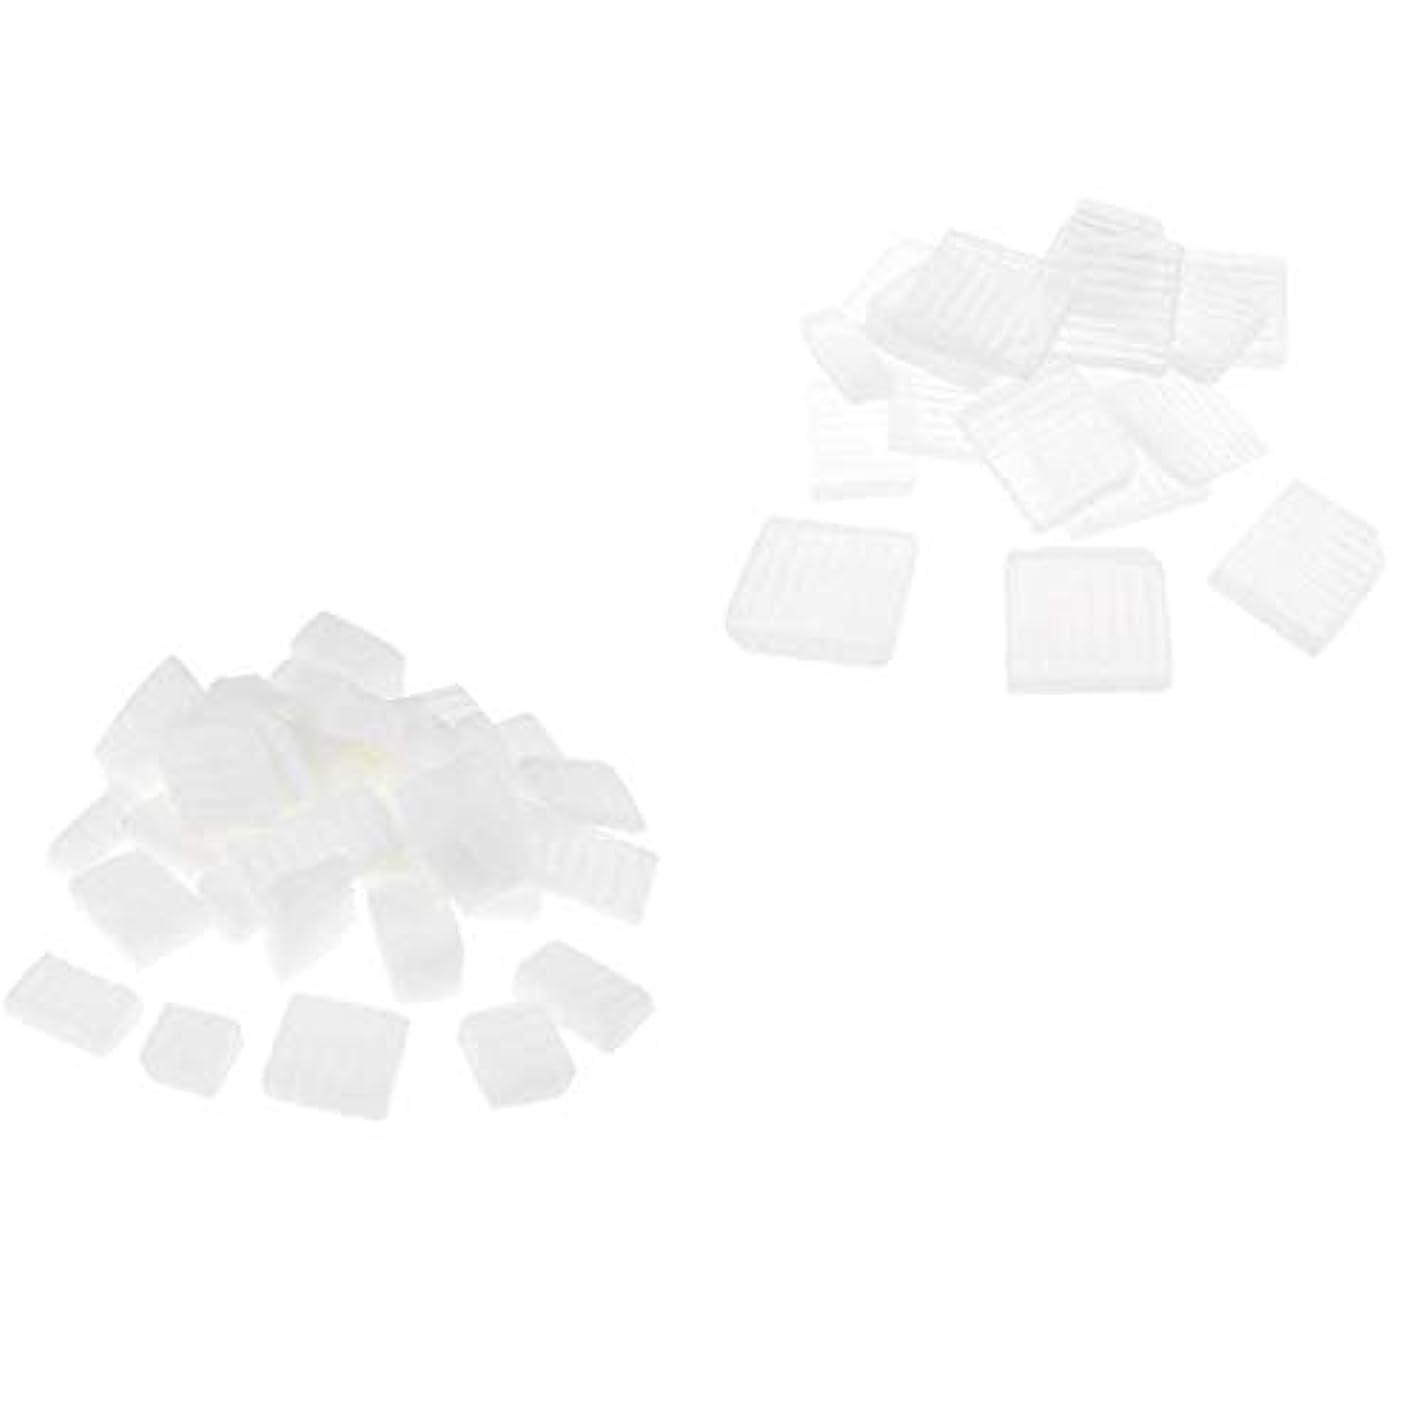 凍った発行勇気のあるD DOLITY 固形せっけん 2KG ホワイトクリア DIY工芸 手作り バス用品 石鹸製造 創造力 2種 混合